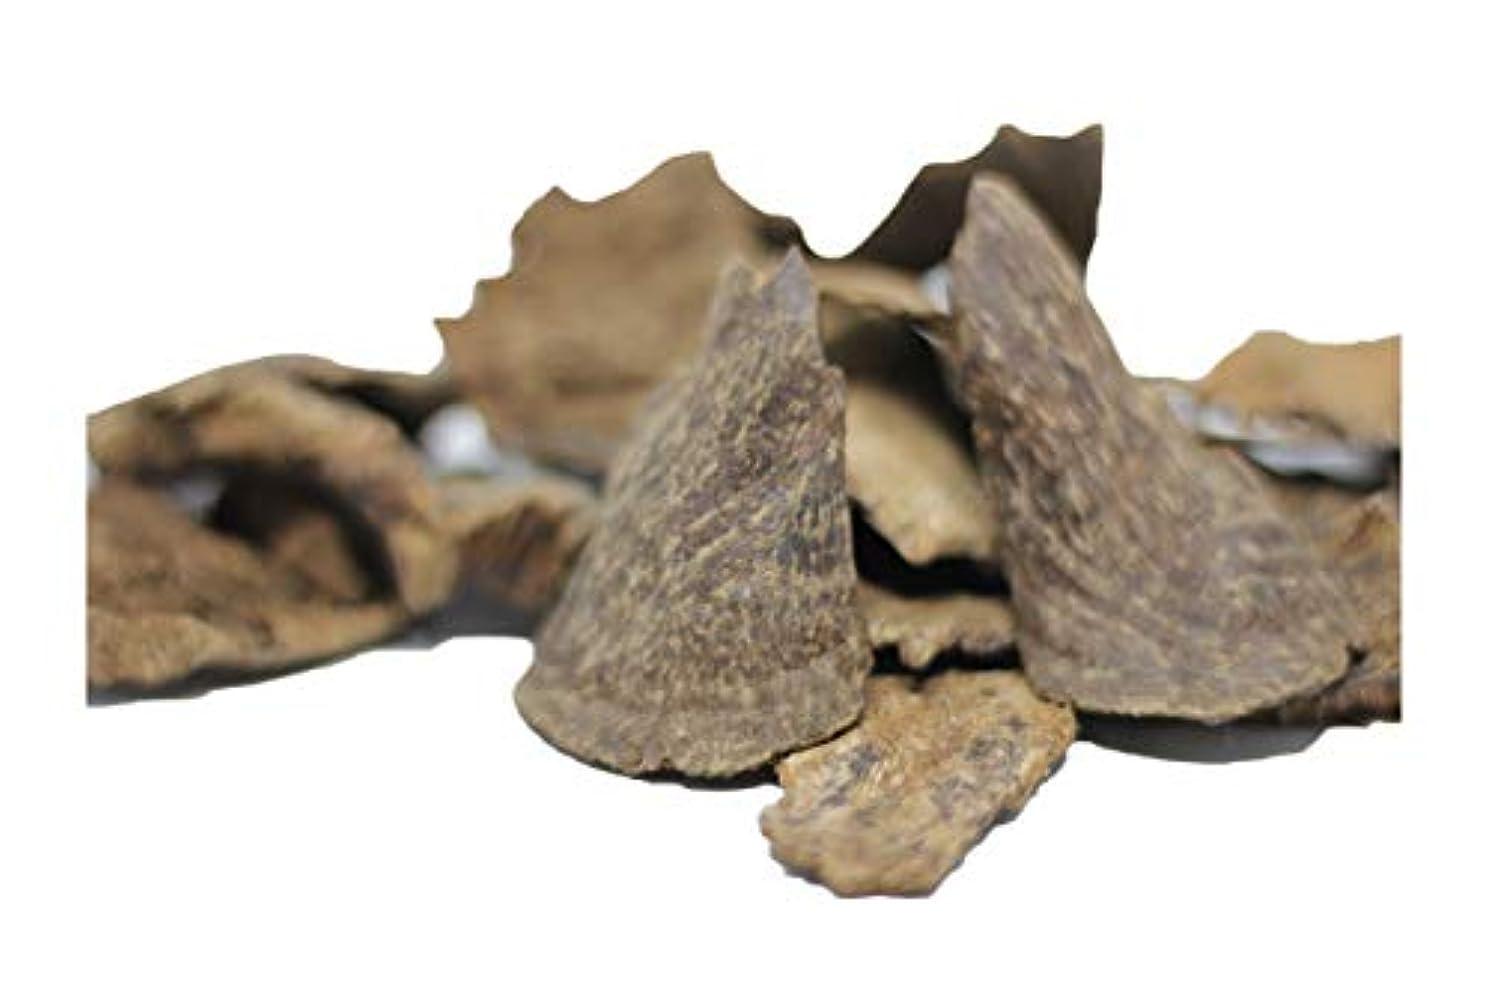 名義で誕生日観察するAgarwoodチップOudチップ30グラムピース| 100 %天然and Wild Agarwoodチップ|長持ち24時間アロマ|プレミアム品質| Madeから手PickedベトナムAgarwood | Pure and raw Grade A + +